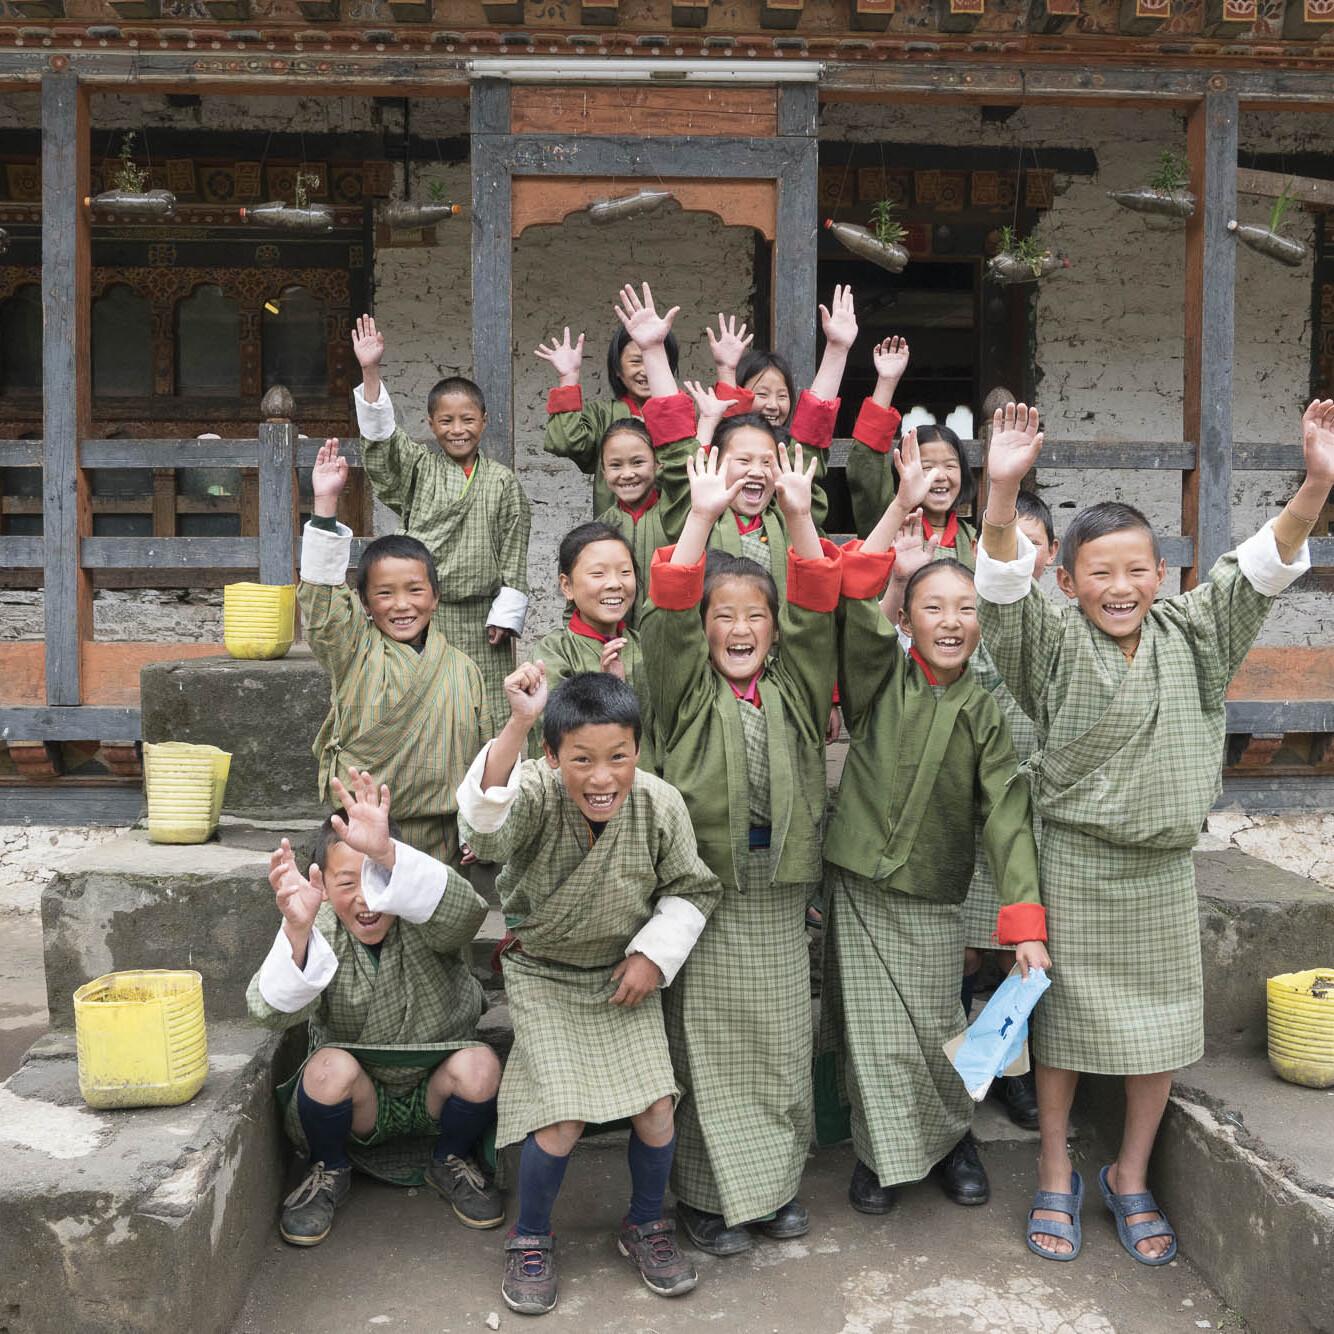 Bhutanese school children cheer with joy